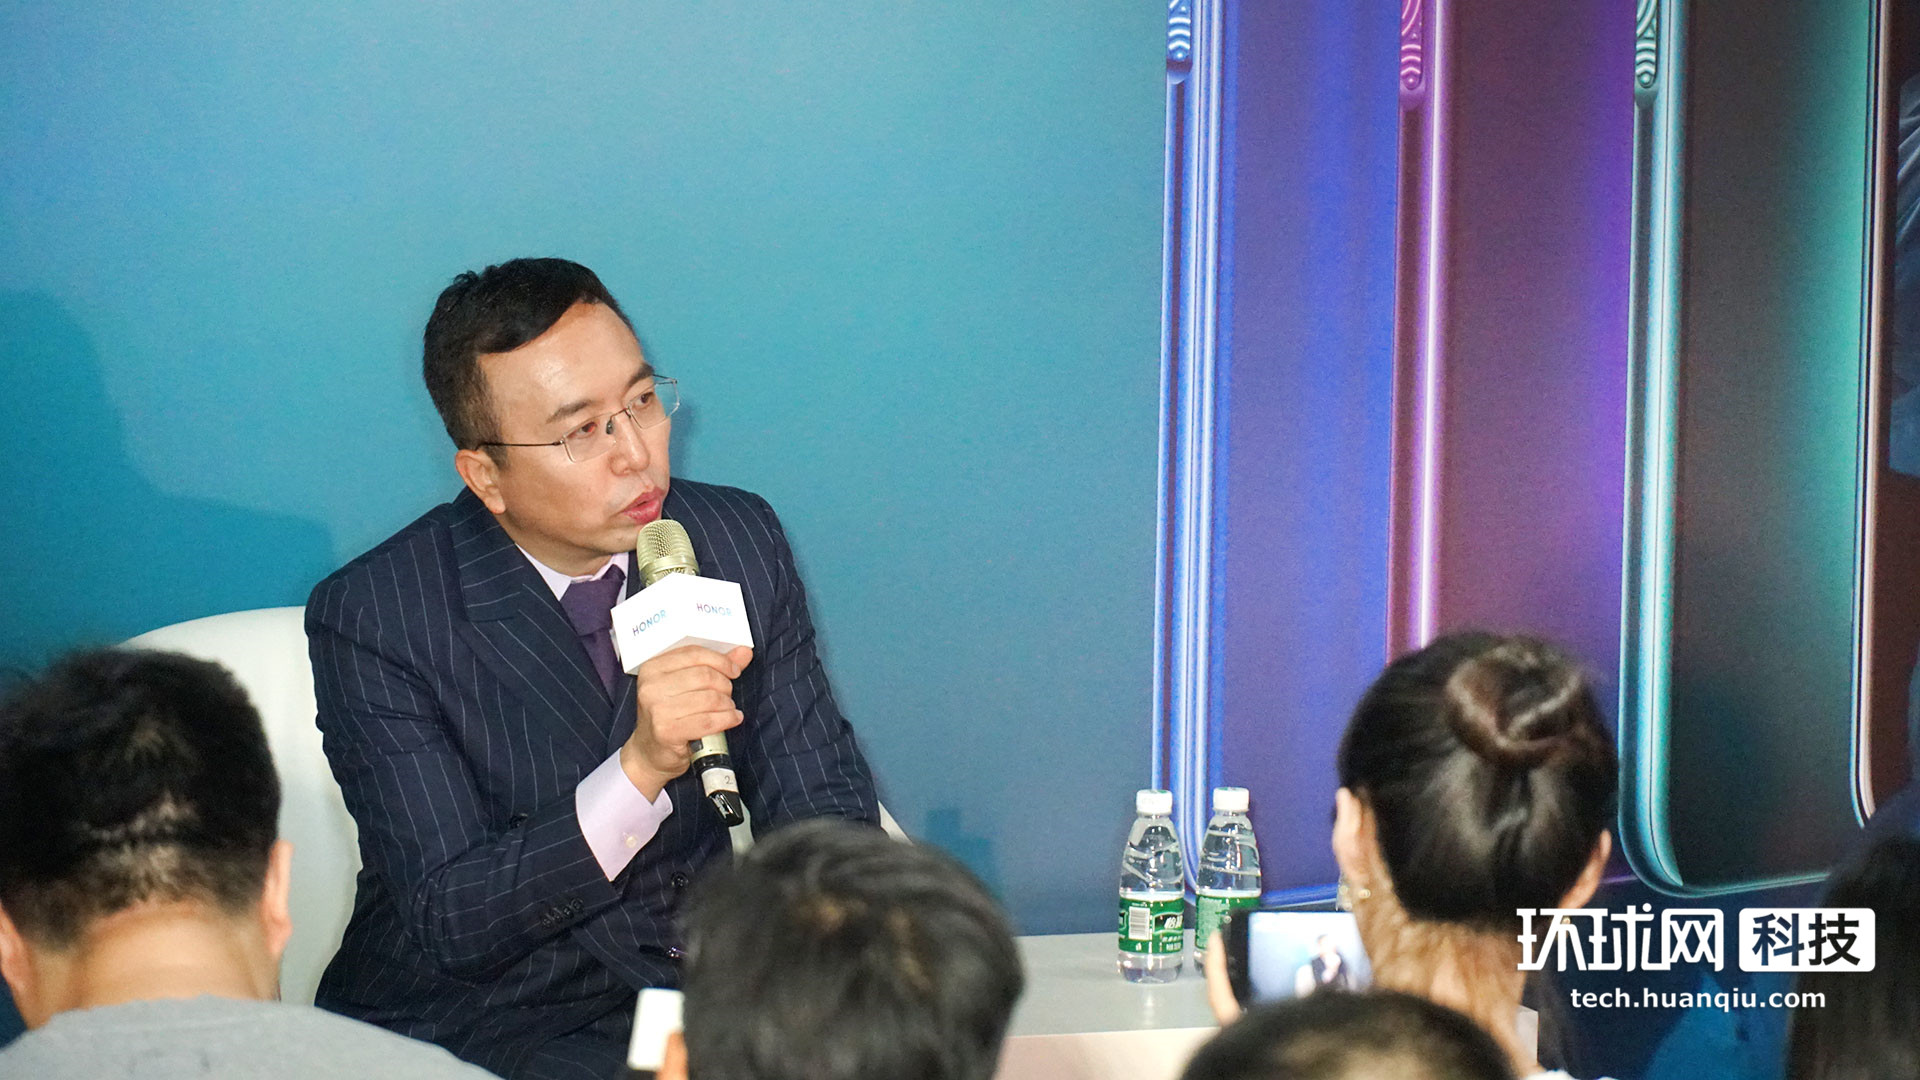 专访荣耀总裁赵明:再提二级火箭战略,该做什么做什么